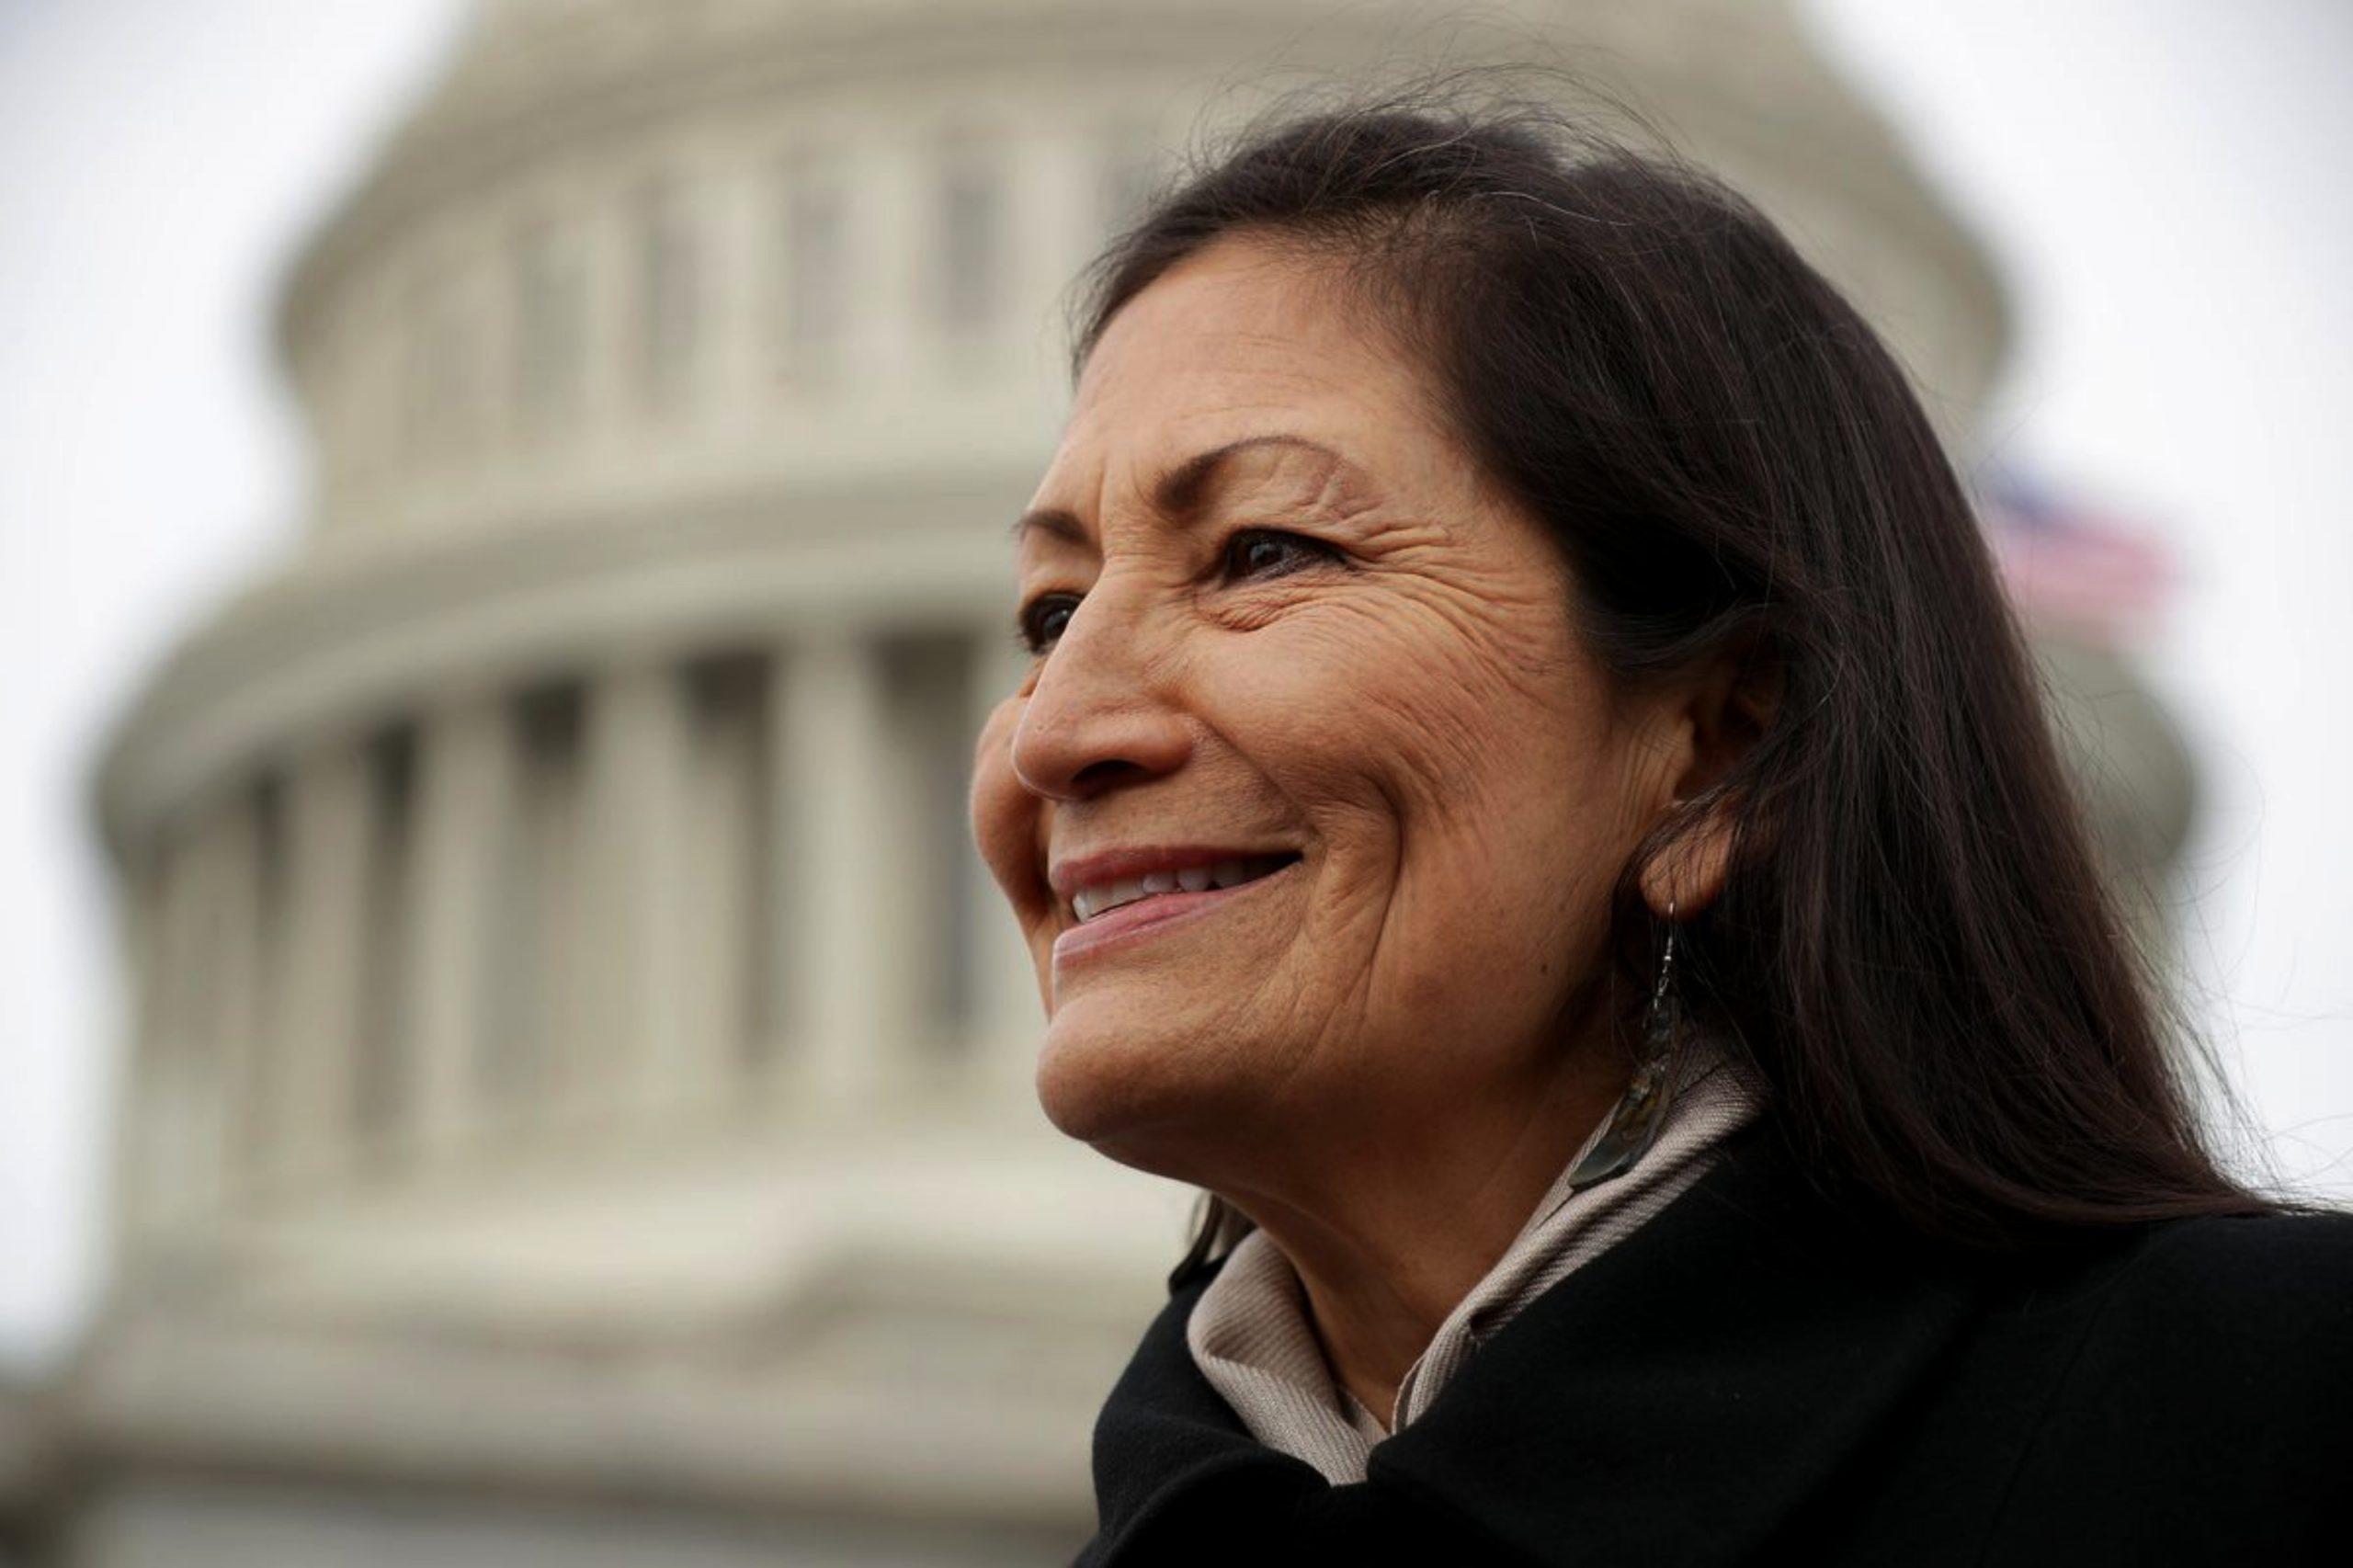 Washington, USA 12 18 2020 deb haaland is an american politician